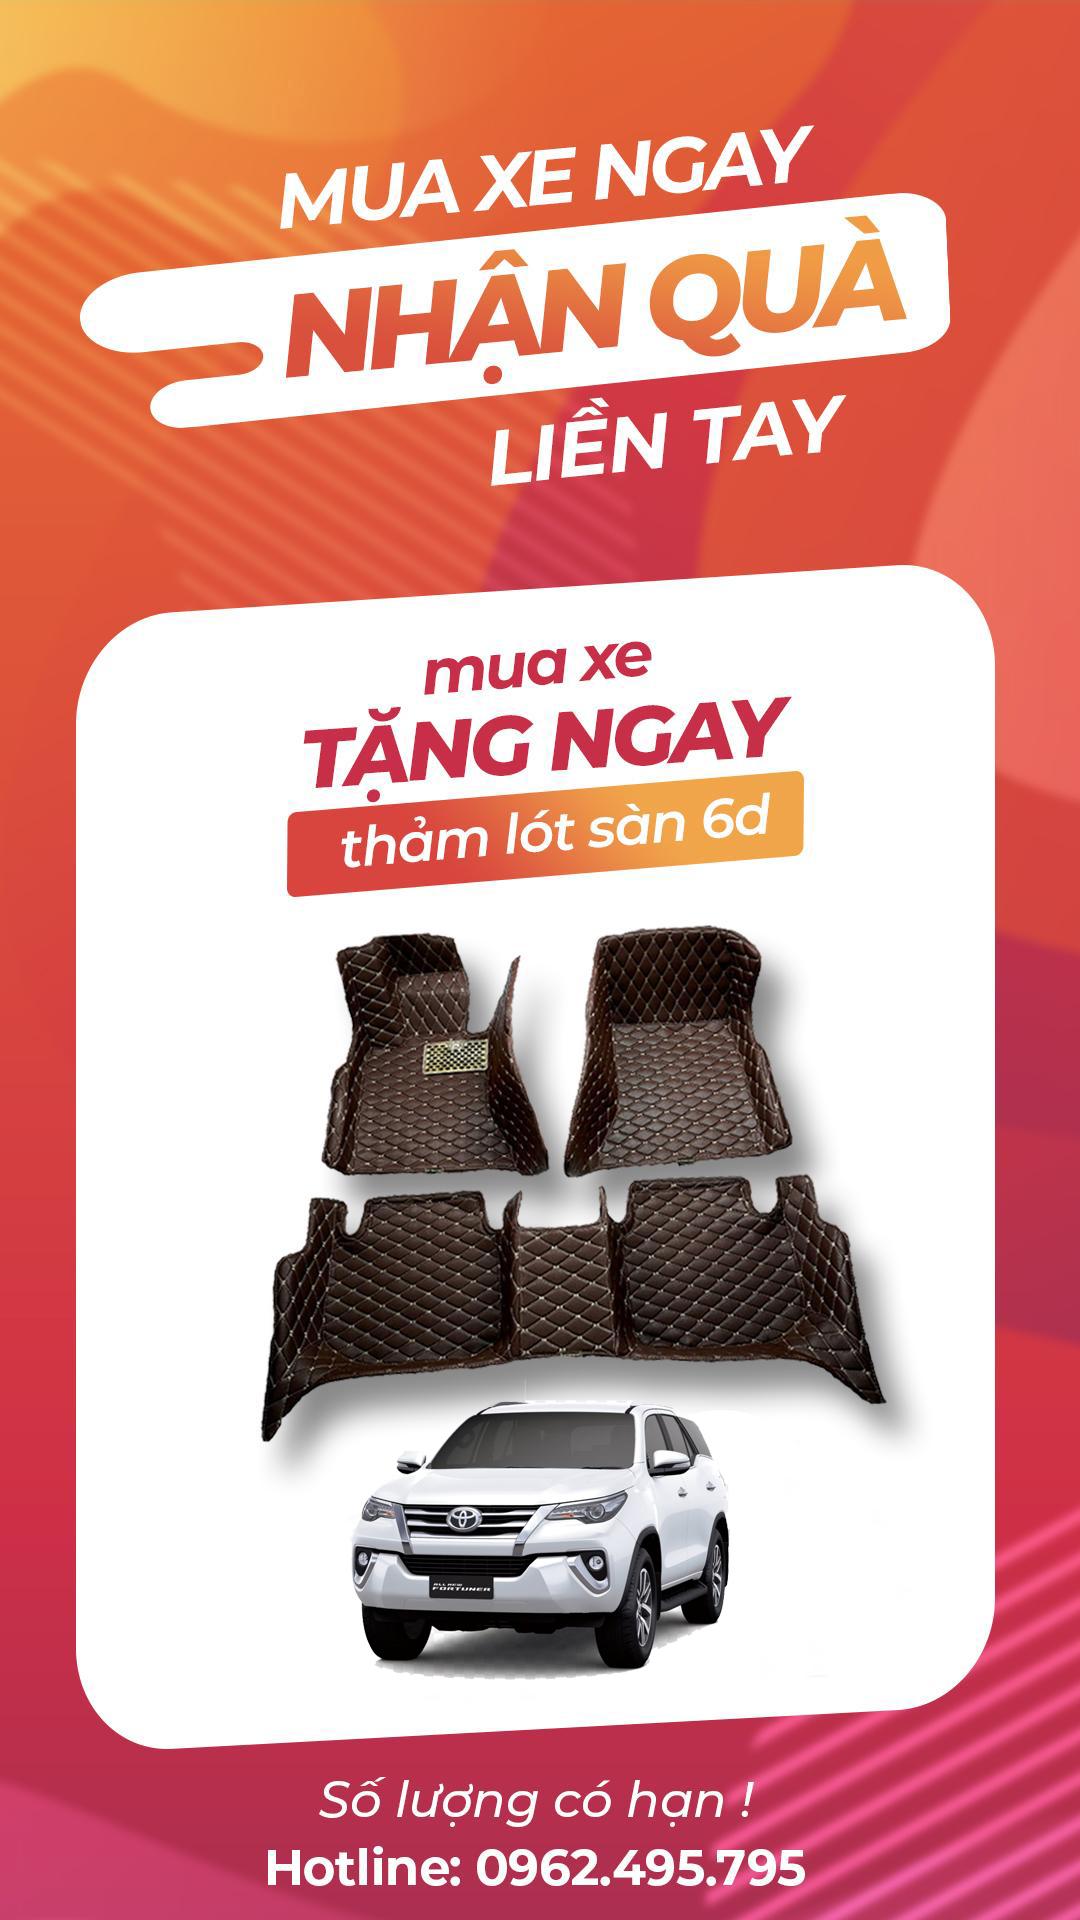 Khi mua xe Toyota Fortuner cũ hoặc mới, bạn sẽ được nhận ngay 1 bộ Thảm lót sàn 6D, gọi Hotline để đăng ký ngay